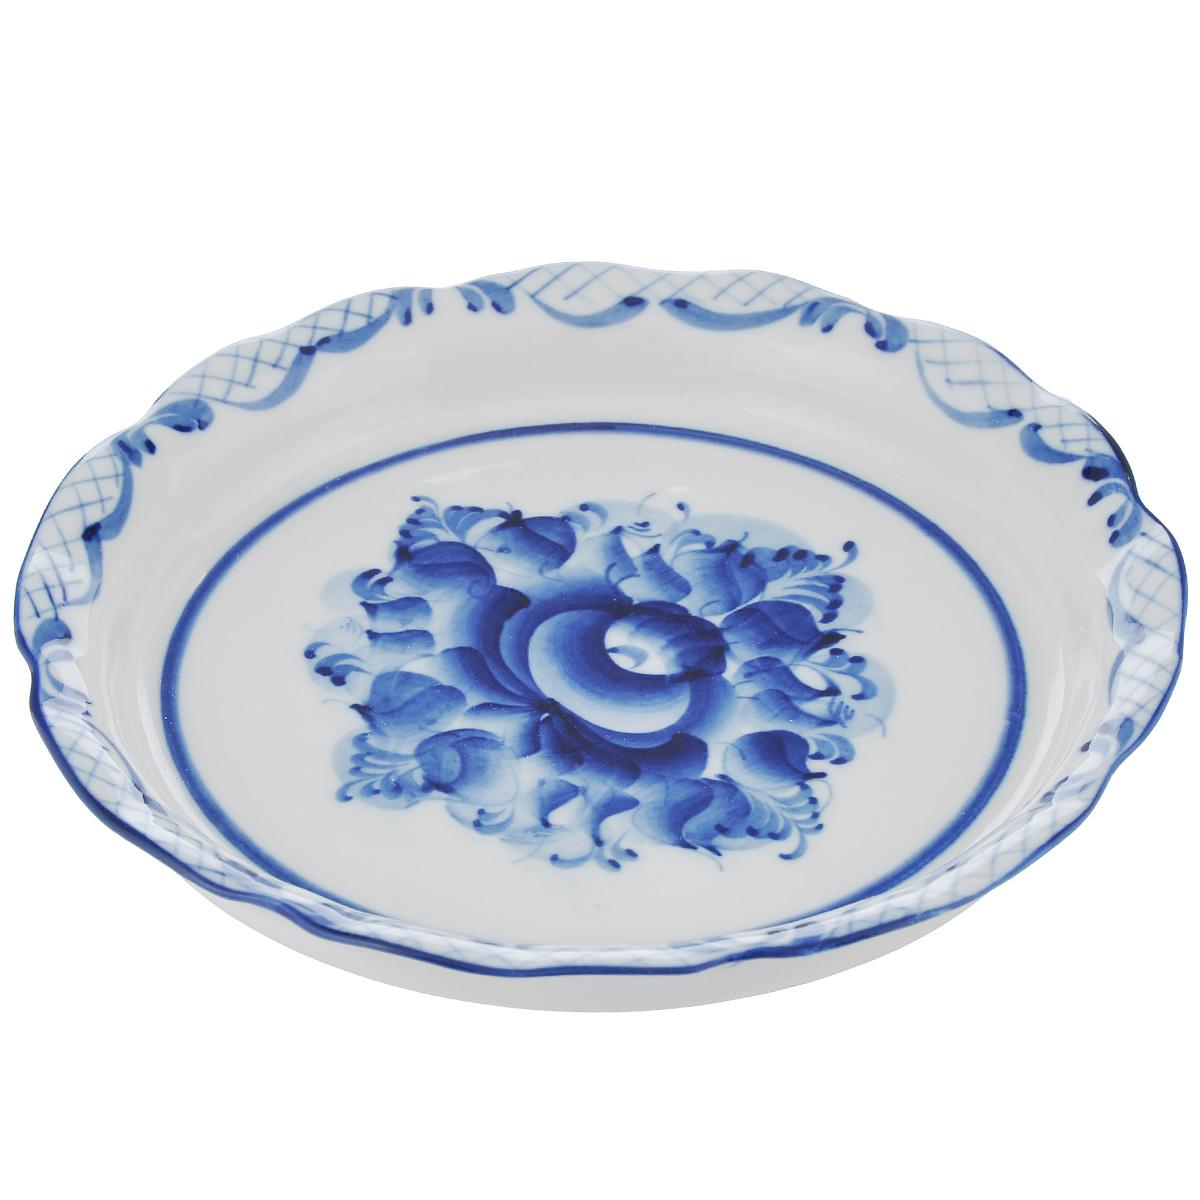 Сухарница Идиллия, цвет: белый, синий, 19 см х 19 см х 3 см993051902Сухарница Идиллия выполнена из высококачественной керамики и украшена легкой росписью кобальтом, которая сочетает простые линии и орнаменты с красивыми цветочными узорами. Сухарница  Идиллия  доставит истинное удовольствие ценителям прекрасного. Яркий дизайн, несомненно, придется вам по вкусу. Гжель - один из традиционных российских центров производства керамики и известный народный художественный промысел России. Производят изделия в Московской области, в обширном районе из 27 деревень, называемых Гжельский куст. Профессиональные мастера сохраняют традиции росписи и создают истинные шедевры. Ей характерна изящная роспись в синих тонах на белом фоне. Традиционными считаются изображения птиц, цветов и узоров. Уважаемые клиенты! Обращаем ваше внимание, что роспись на изделие сделана вручную. Рисунок может немного отличаться от изображения на фотографии.